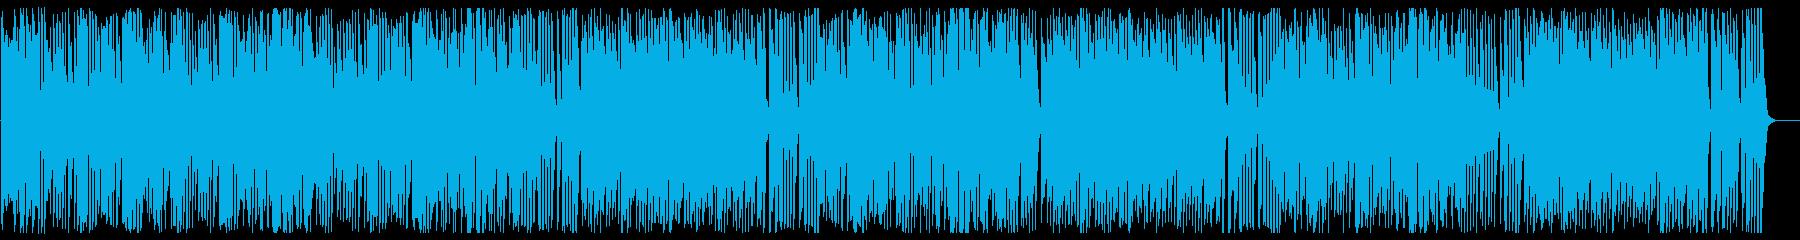 ほのぼのする可愛らしいBGMの再生済みの波形